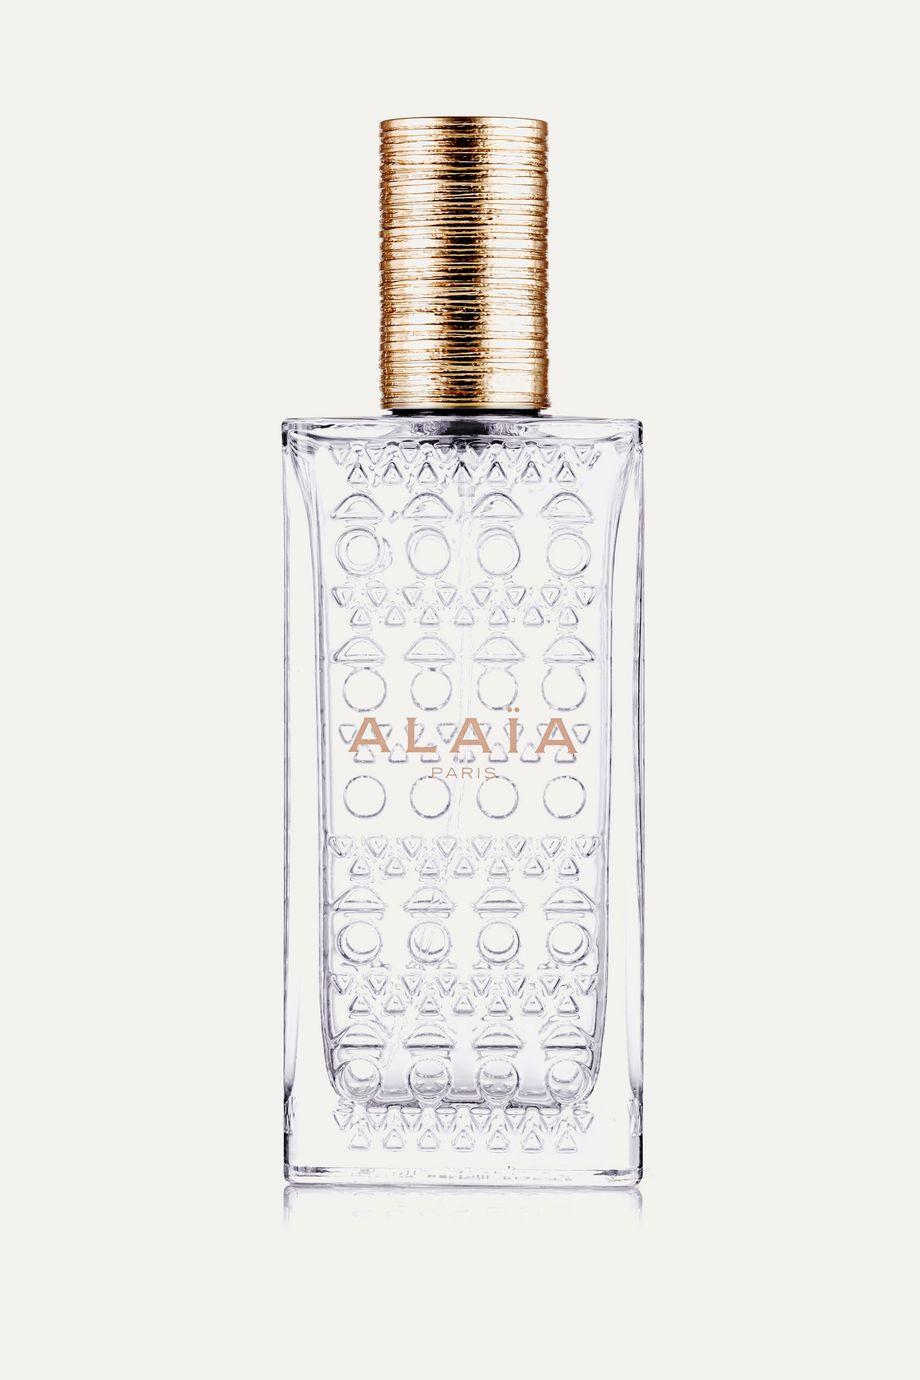 Alaïa Beauty ALAÏA PARIS Blanche, 100 ml – Eau de Parfum